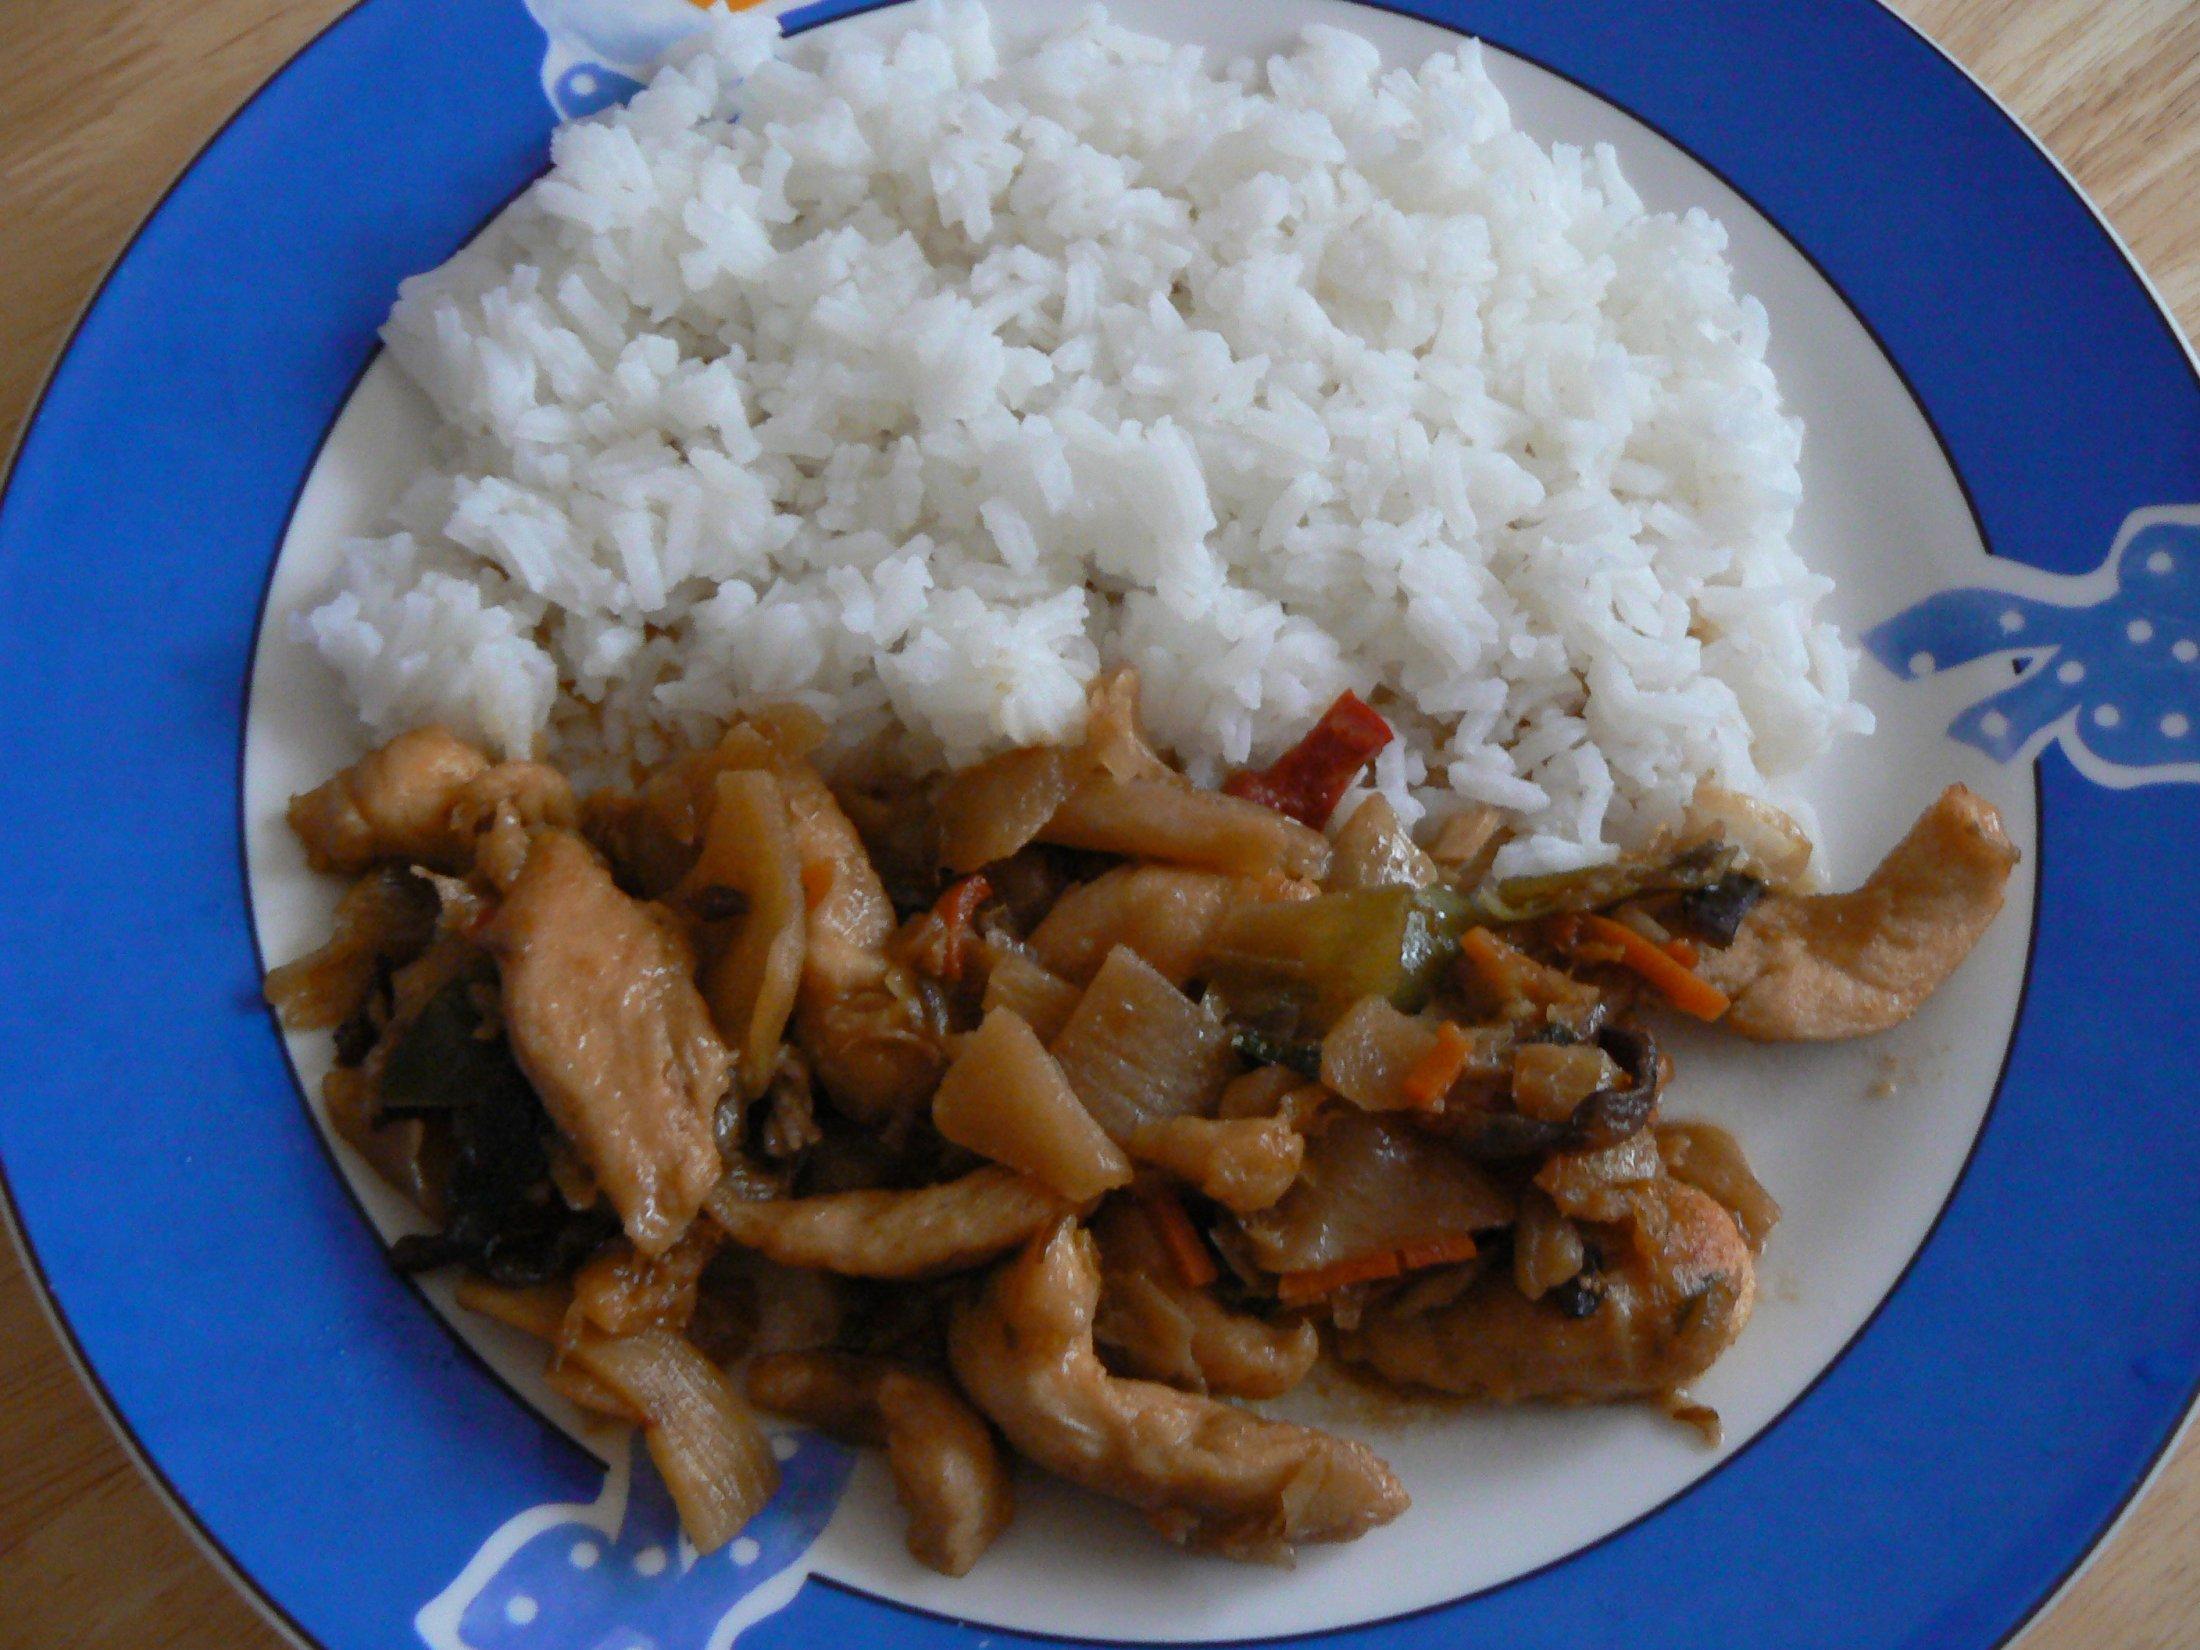 Recept Rychlá čína s kuřecím masem - Rychlá čína s kuřecím masem.